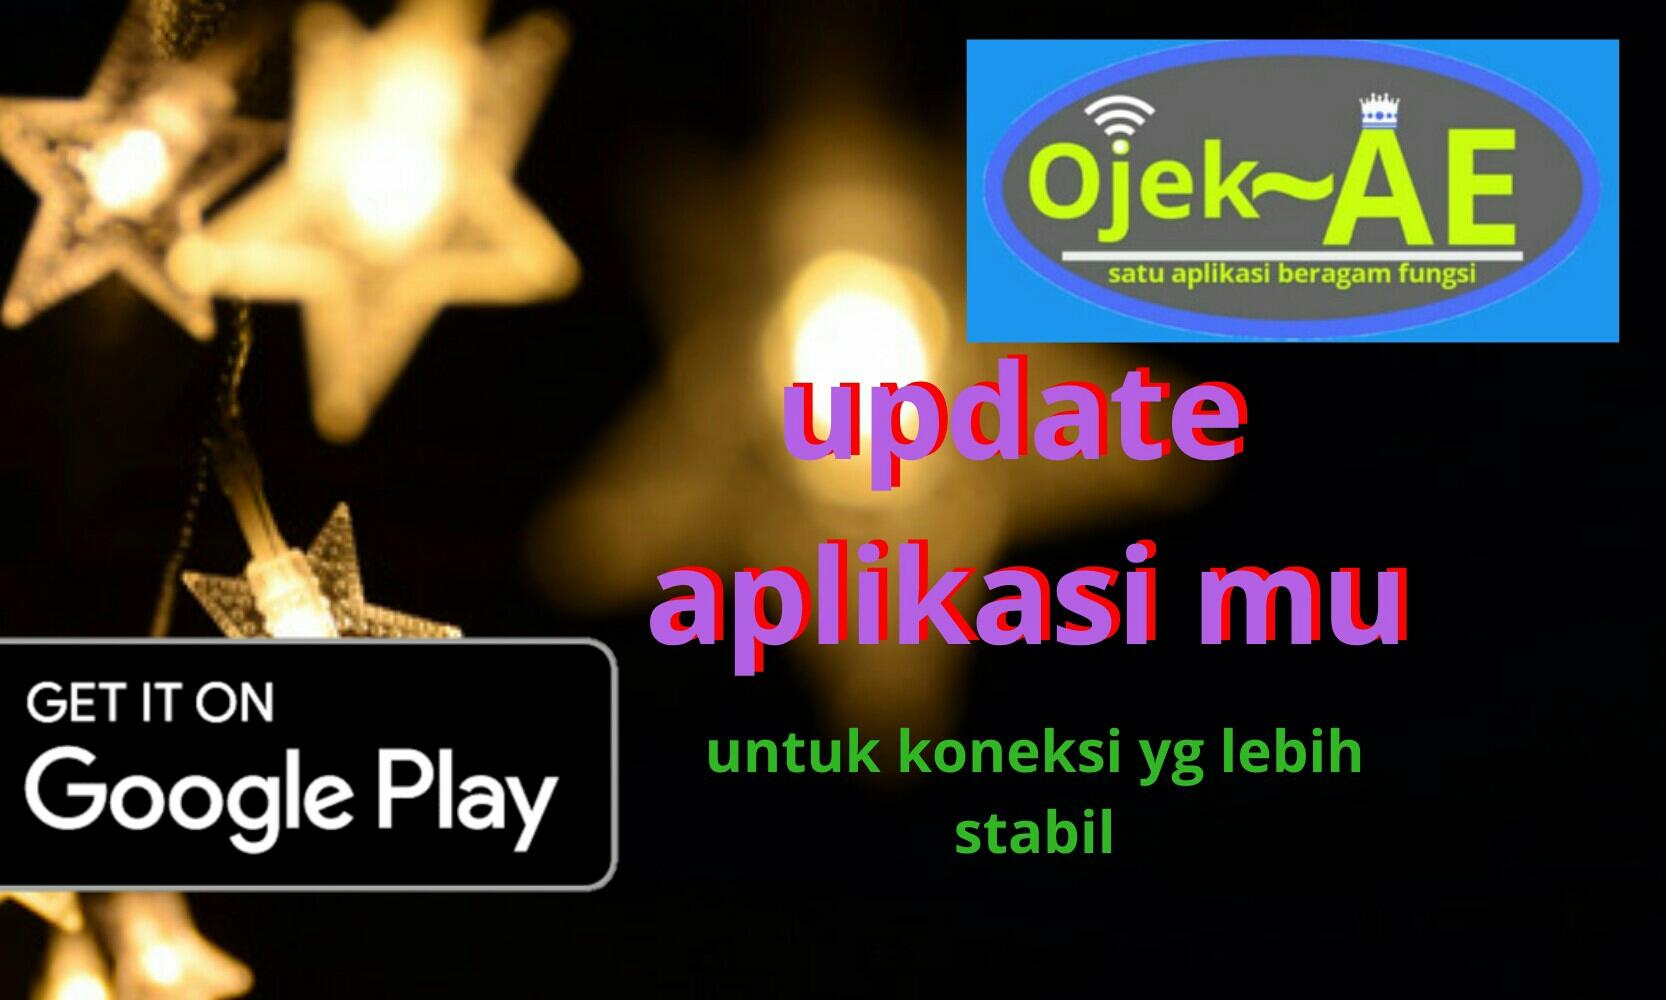 OjekAE Indonesia 3